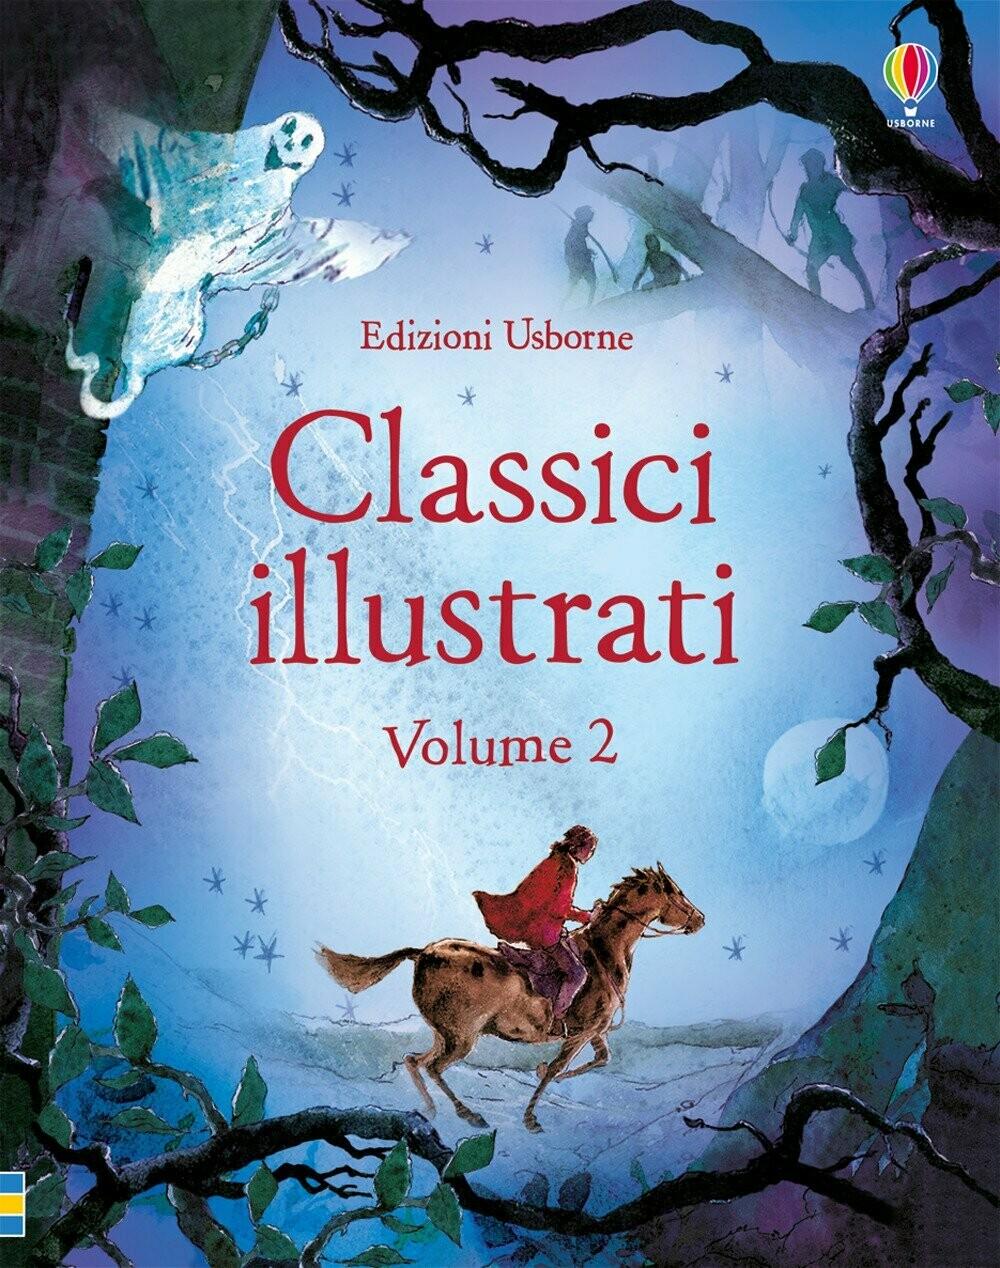 Classici illustrati - Volume 2